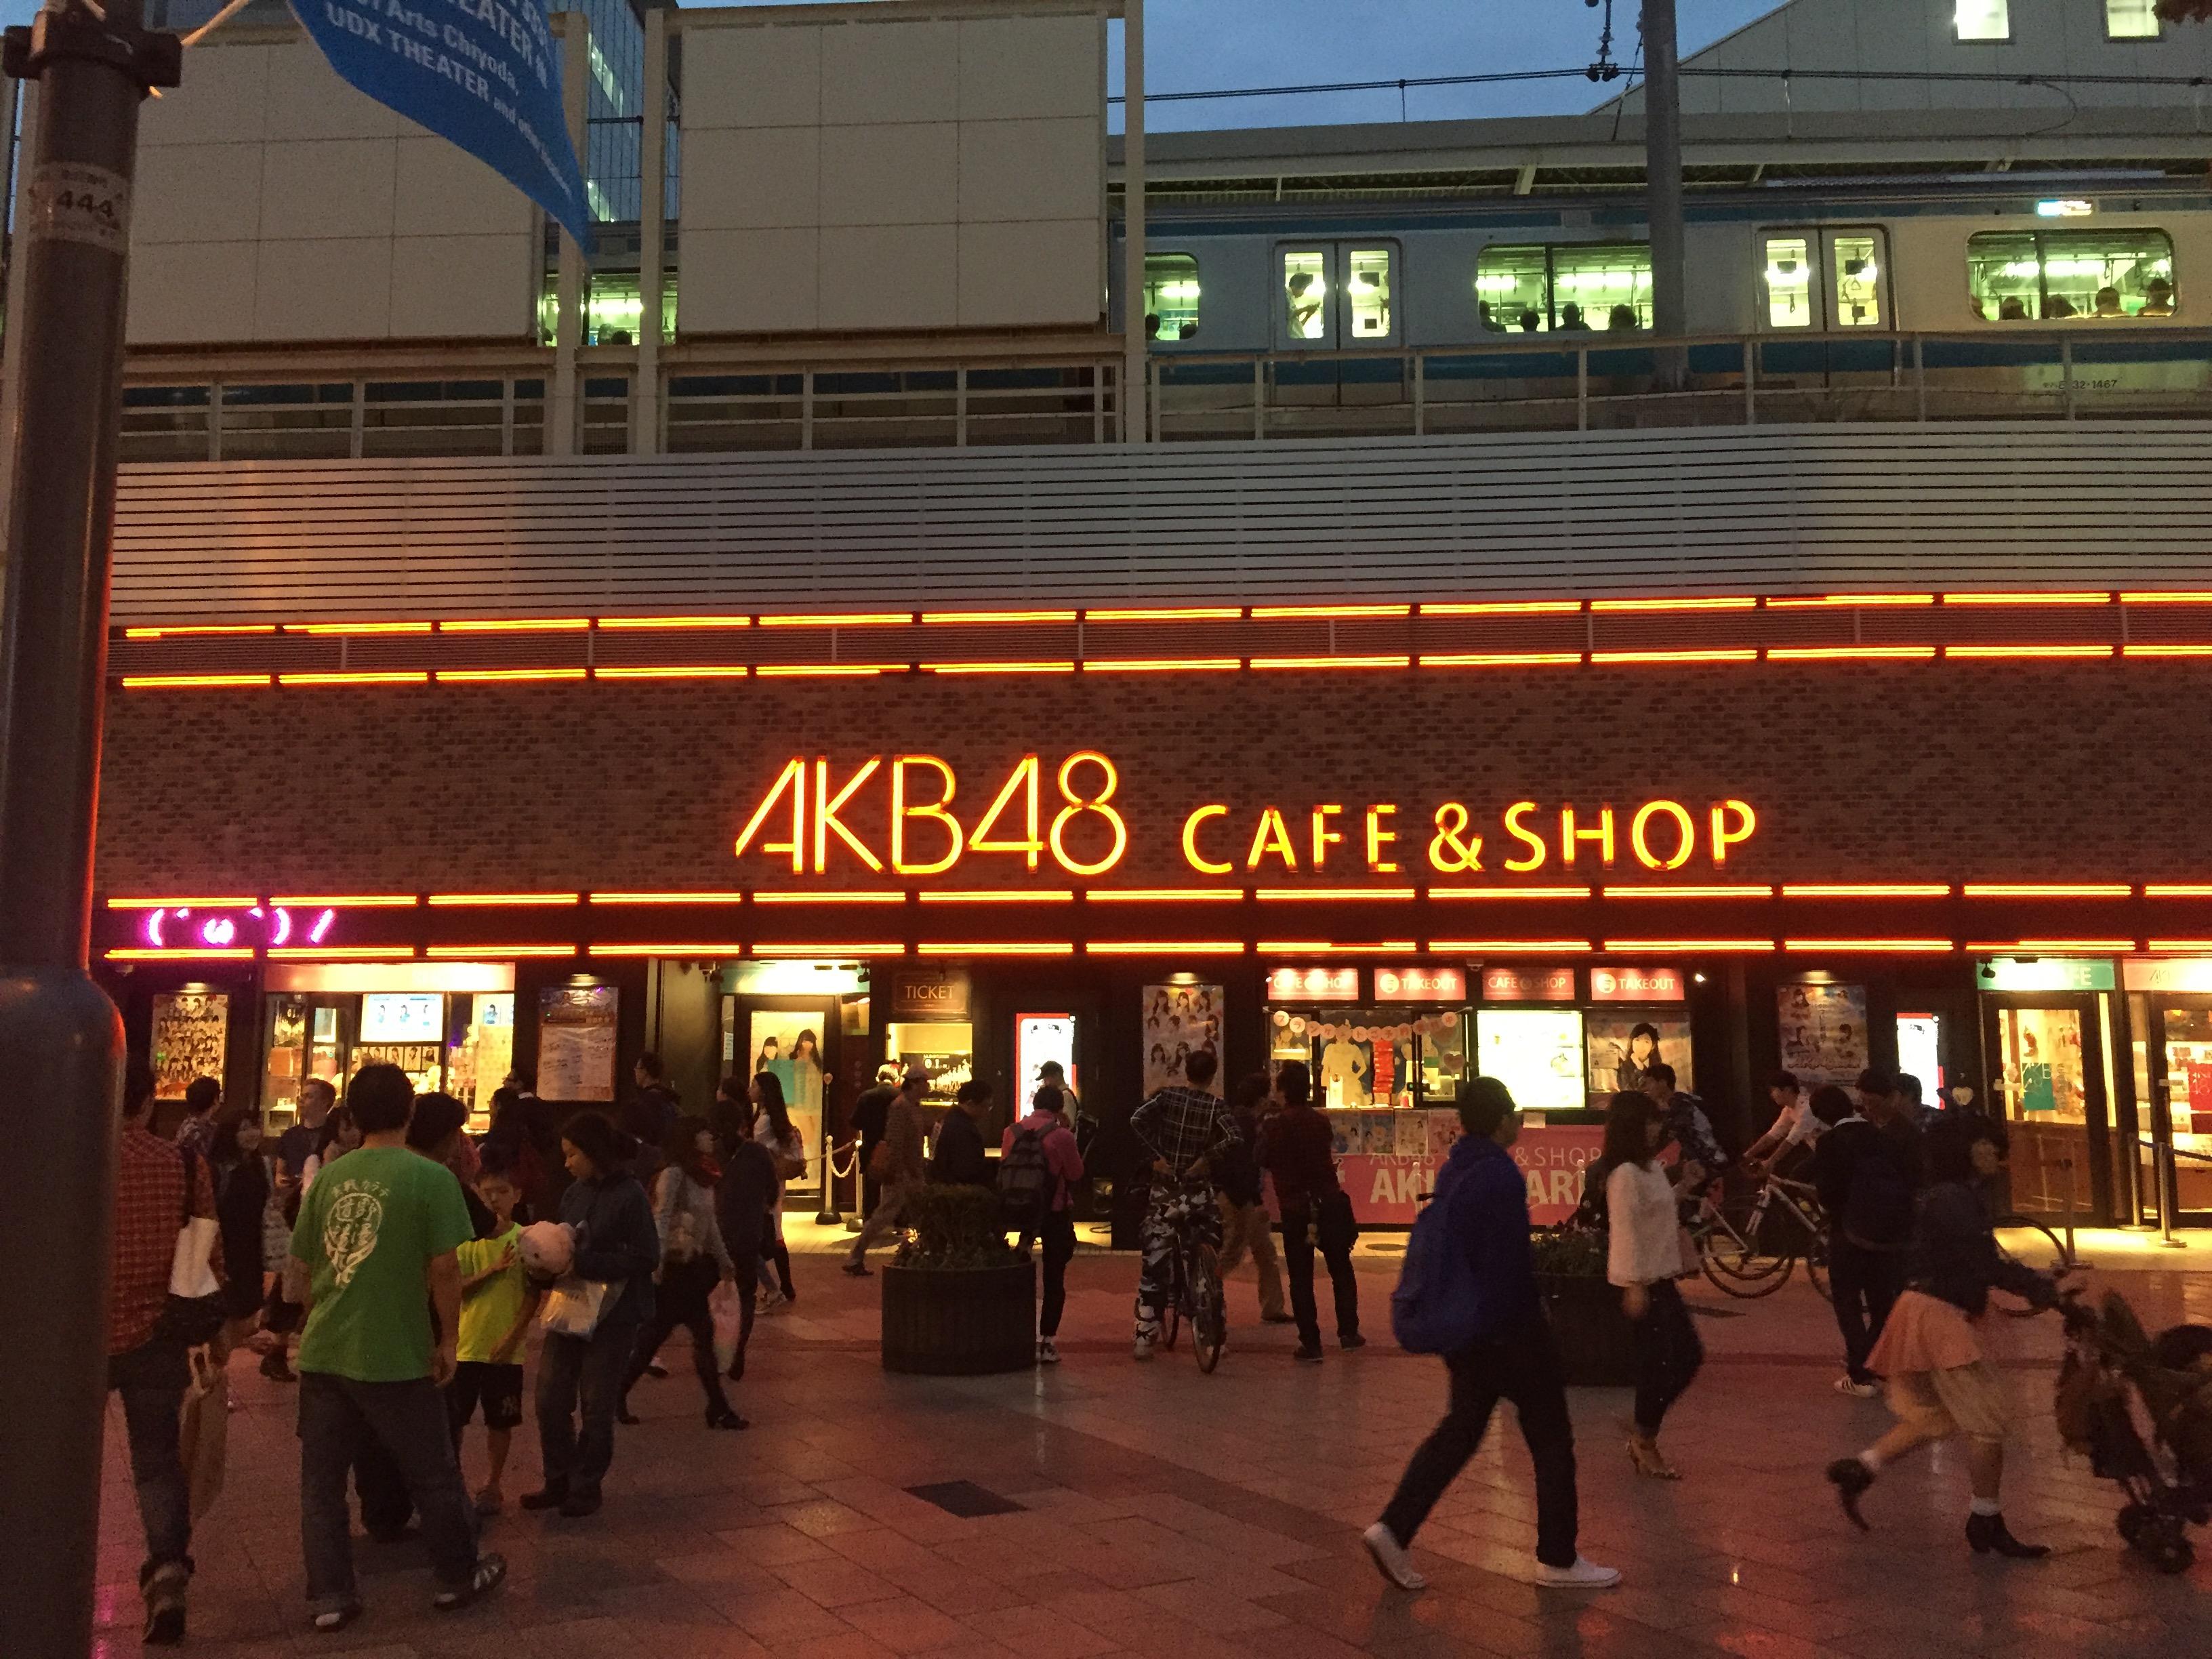 Qué ver en Akihabara - Café AKB48